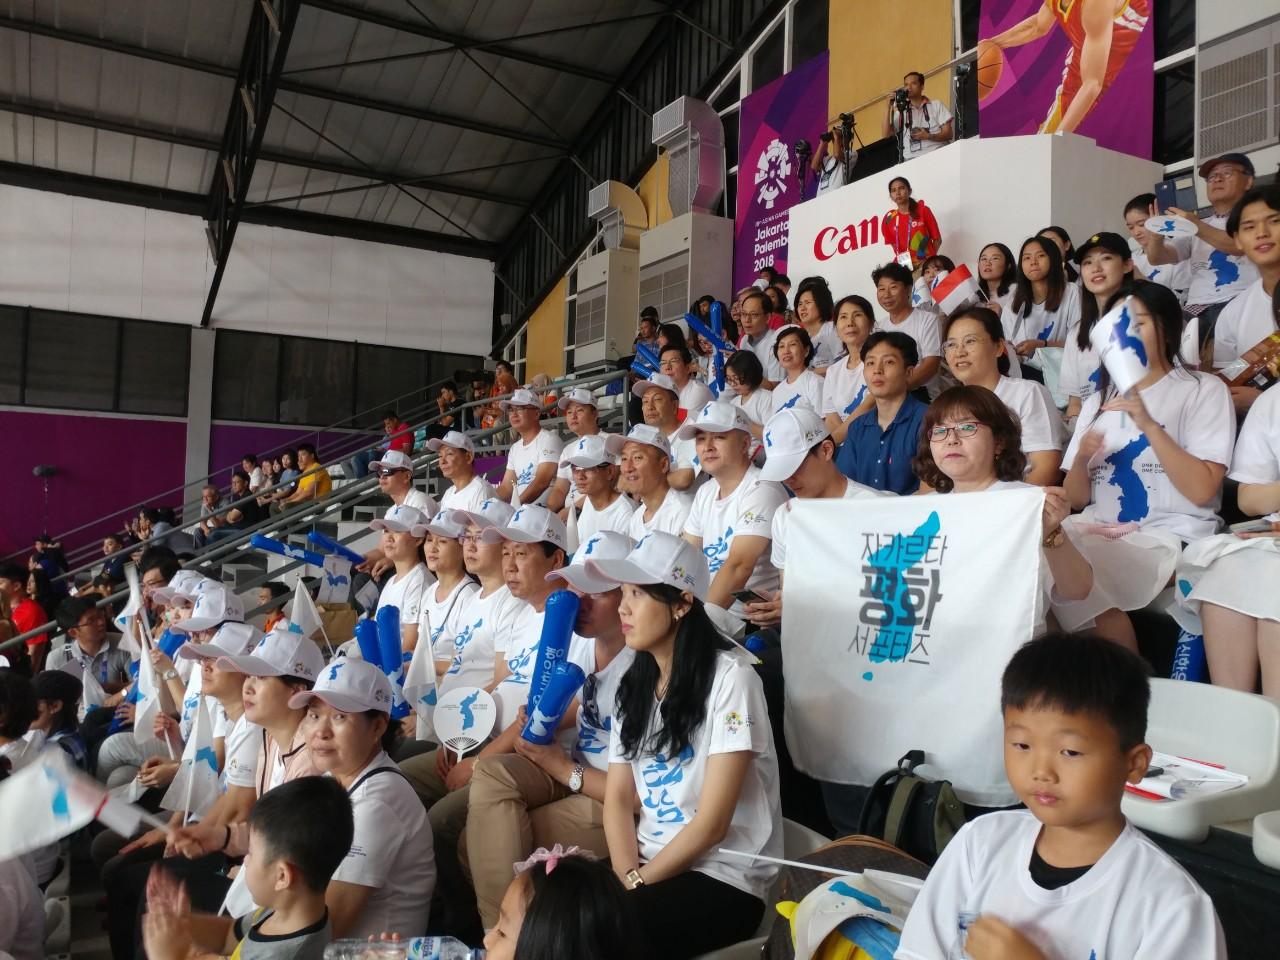 2018 자카르타-팔렘방 아시안게임에서 여자농구 단일팀을 응원하는 남북공동응원단